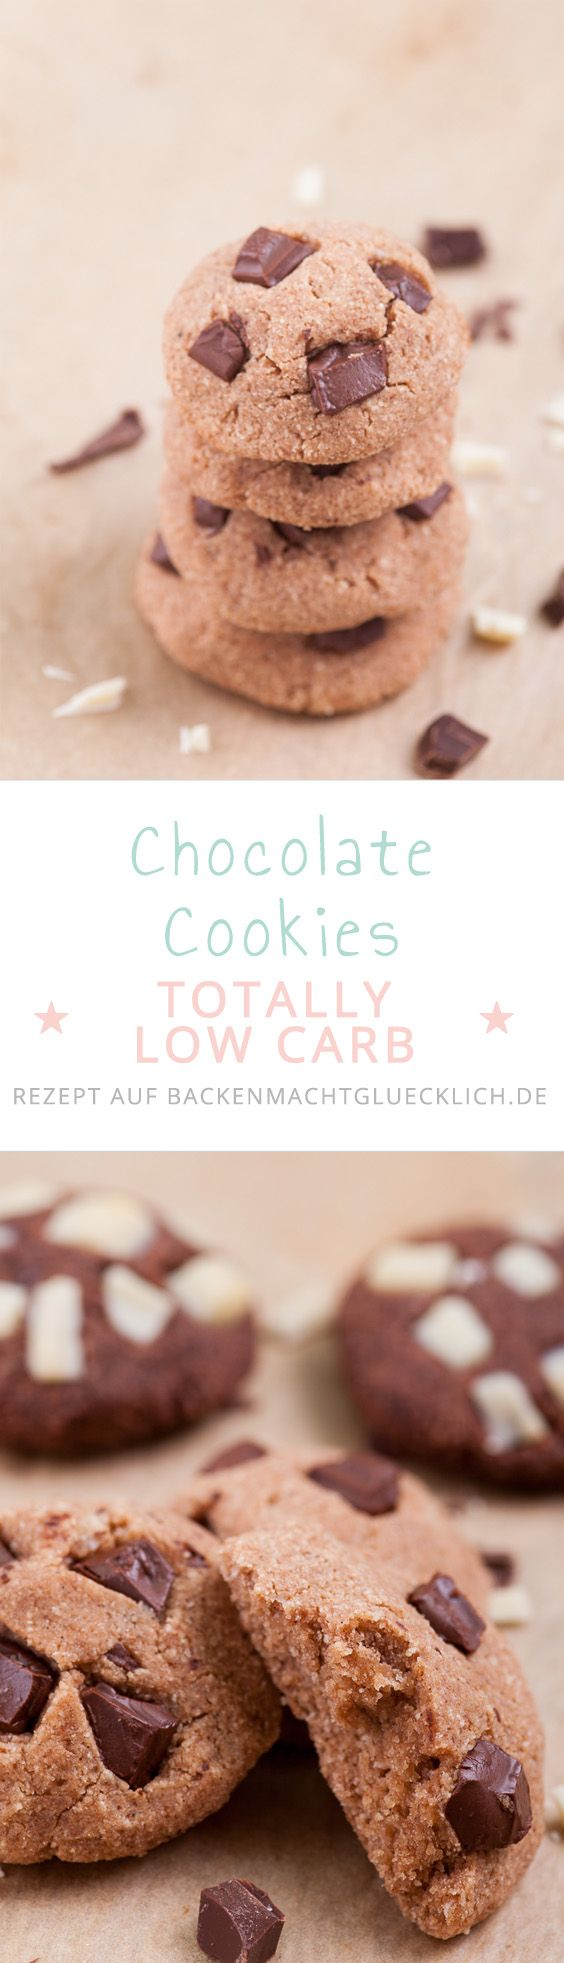 Low Carb und Chocolate Cookies? Klingt wie ein Widerspruch, muss es aber nicht sein. Ich habe tief in die Trickkiste gegriffen, und habe ein ganz leckeres, leichtes (und auch noch glutenfreies) Rezept für diese Cookies entwickelt.